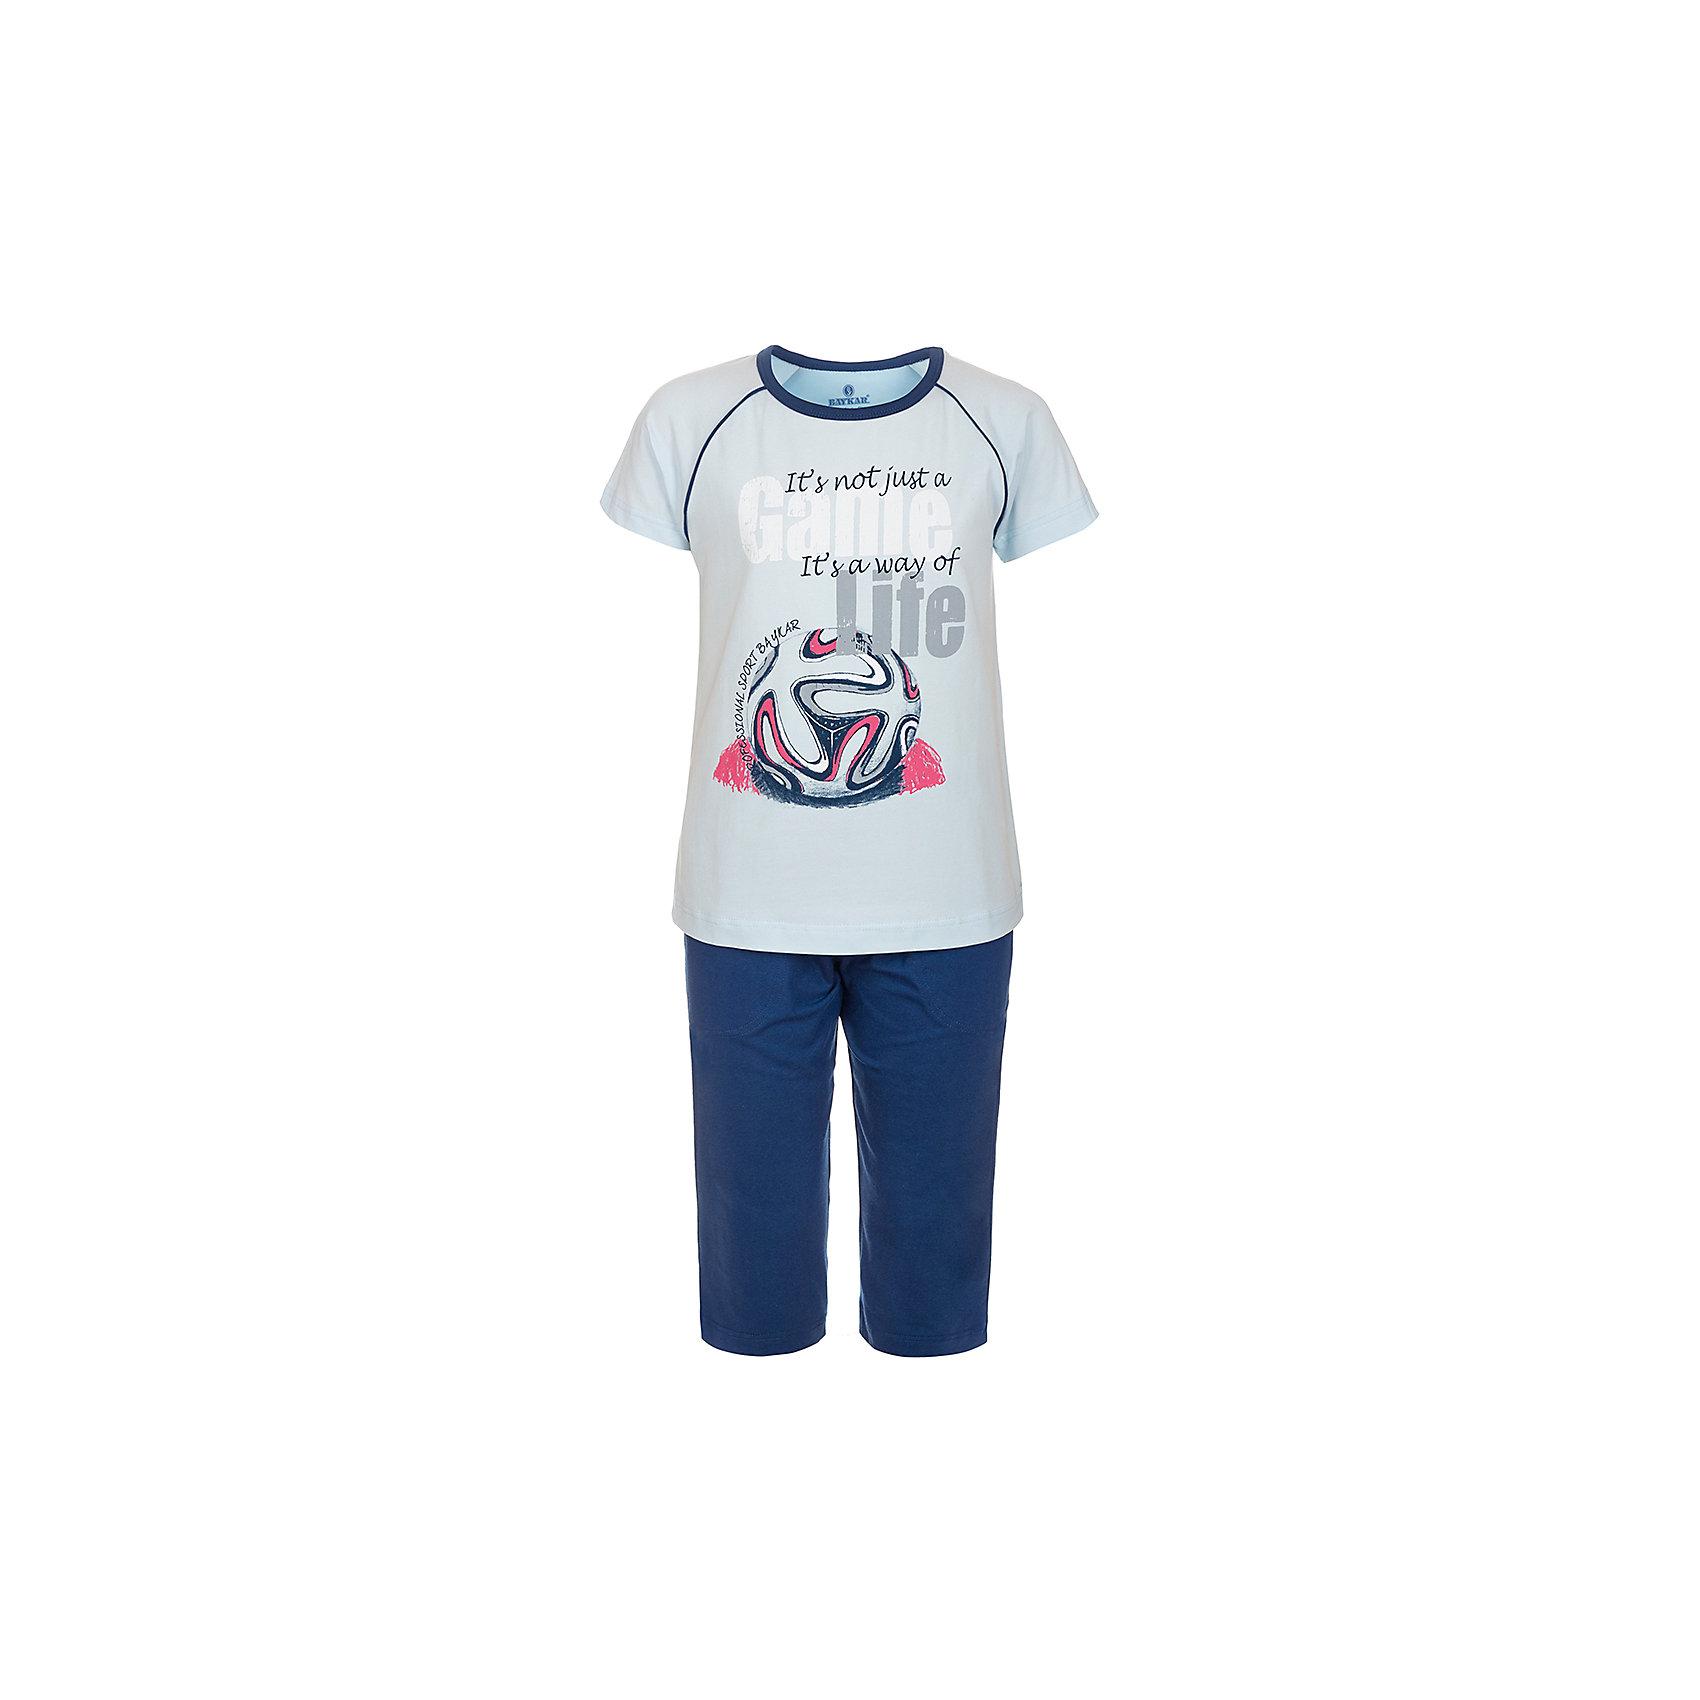 Пижама для мальчика BaykarПижамы и сорочки<br>Характеристики товара:<br><br>• цвет: синий<br>• состав ткани: 95% хлопок; 5% эластан<br>• комплектация: футболка, шорты<br>• пояс шорт: резинка<br>• сезон: круглый год<br>• страна бренда: Турция<br>• страна изготовитель: Турция<br><br>Пижама для мальчика Baykar украшена симпатичным принтом. Этот комплект для сна из футболки и шорт сделан из мягкого дышащего материала. <br><br>Продуманный крой обеспечивает комфортную посадку. Качественная пижама для мальчика позволяет обеспечить комфортный сон.<br><br>Пижаму для мальчика Baykar (Байкар) можно купить в нашем интернет-магазине.<br><br>Ширина мм: 281<br>Глубина мм: 70<br>Высота мм: 188<br>Вес г: 295<br>Цвет: синий<br>Возраст от месяцев: 108<br>Возраст до месяцев: 120<br>Пол: Мужской<br>Возраст: Детский<br>Размер: 134/140,140/146,122/128,128/134<br>SKU: 6764896